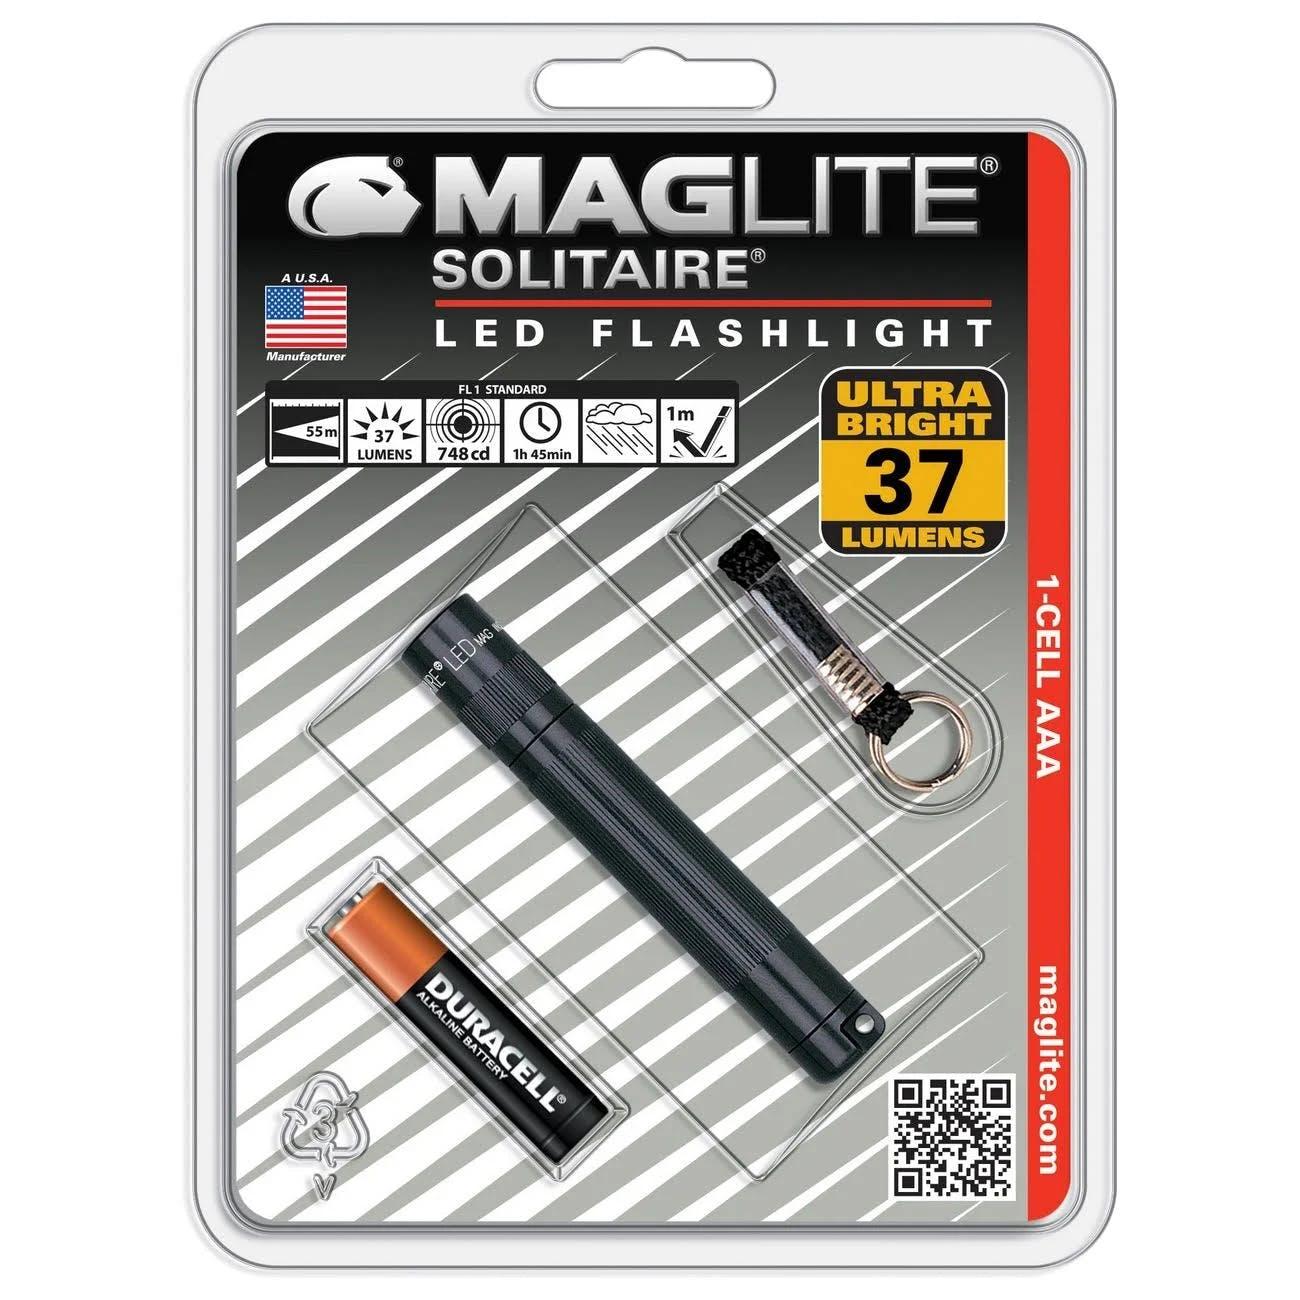 Maglite SJ3 Solitaire AAA LED Flashlight - black